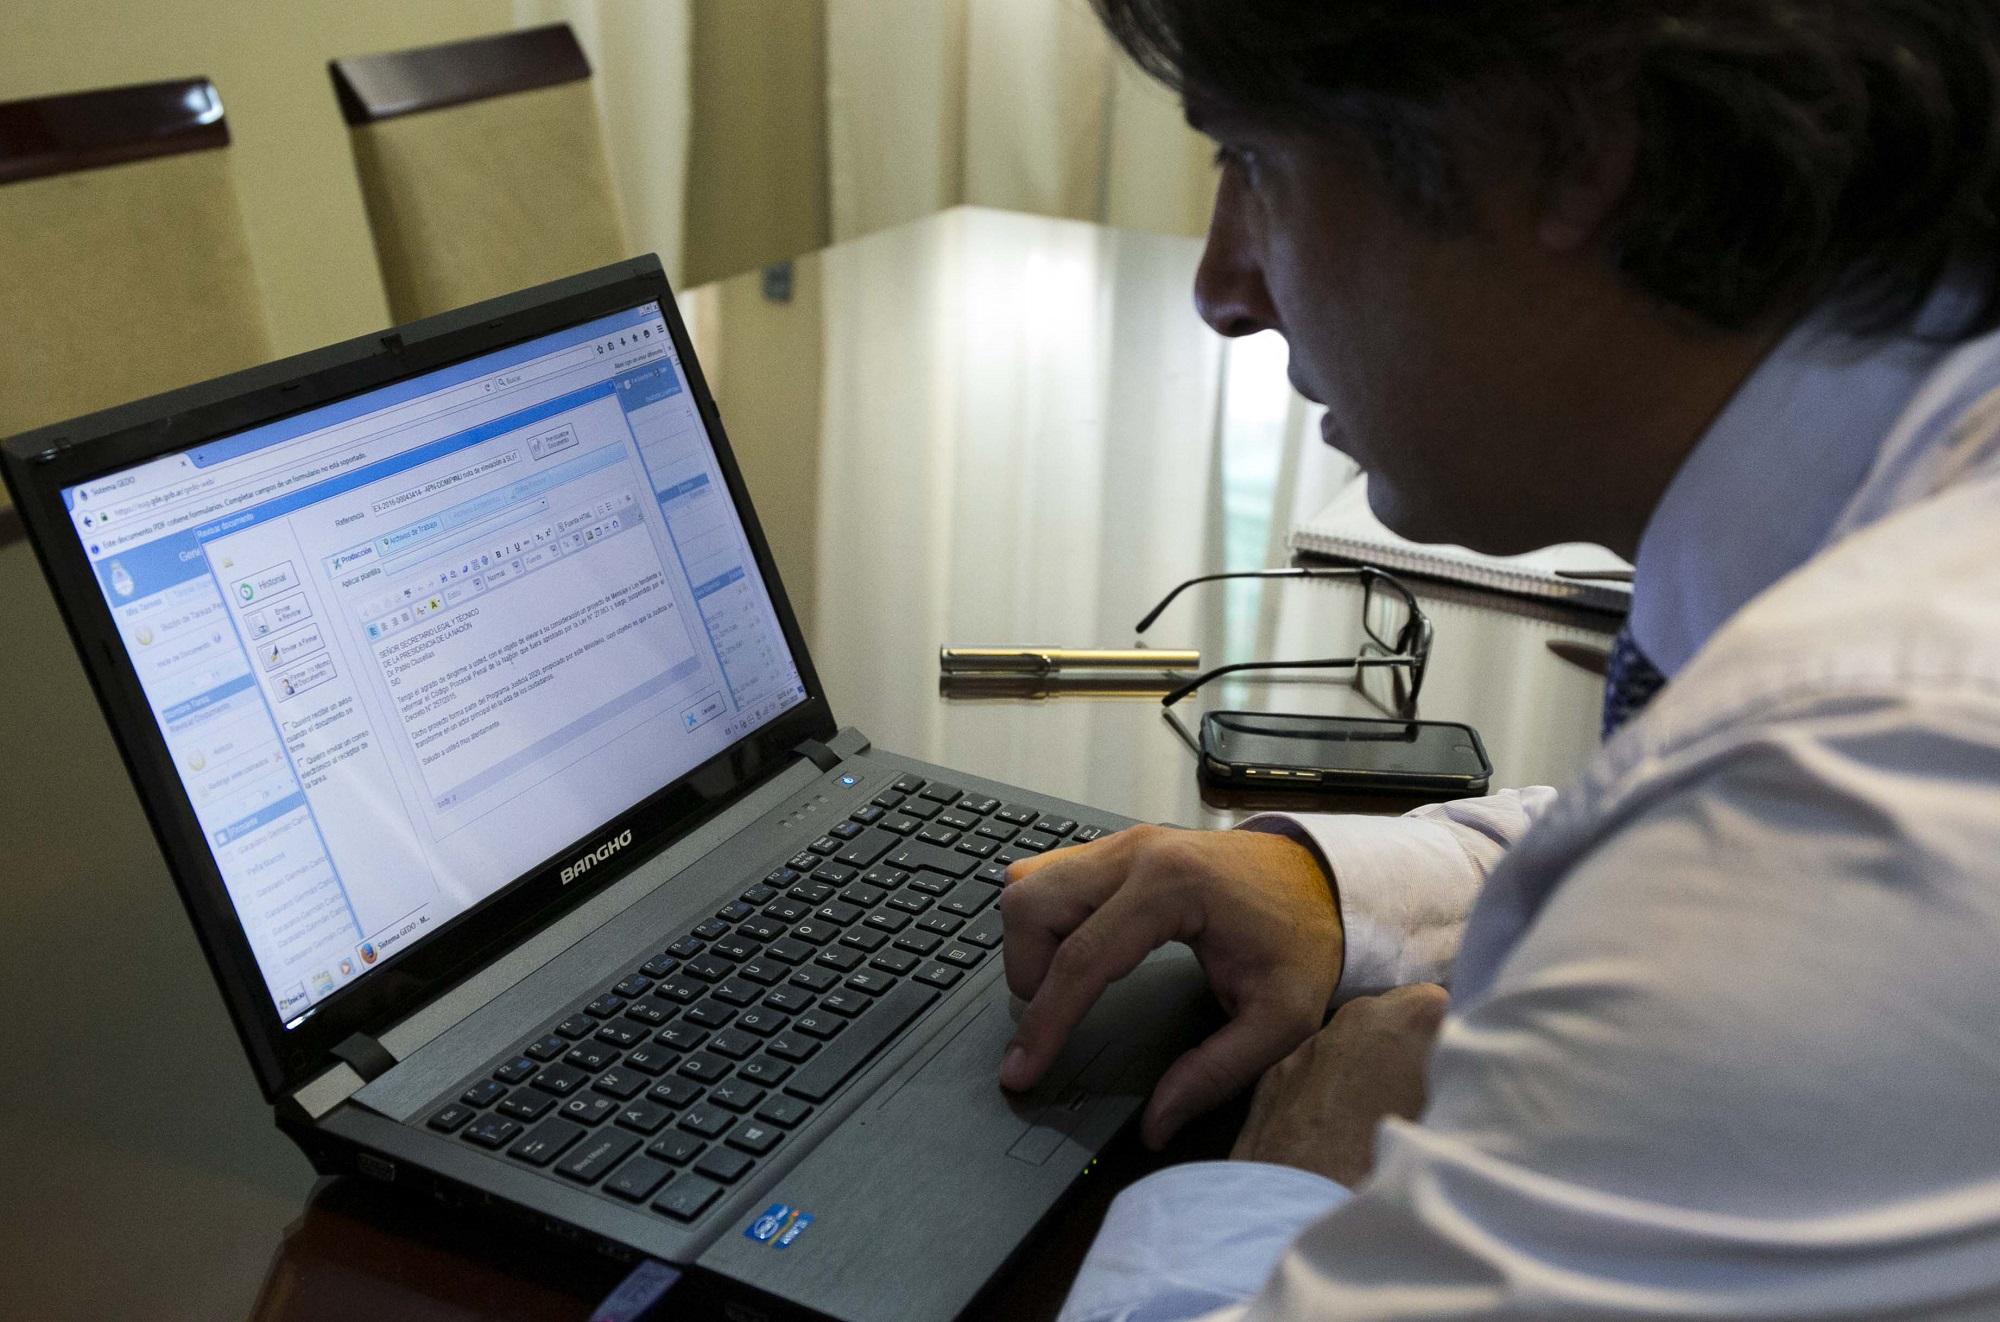 Garavano firmó el primer proyecto de ley gestionado electrónicamente